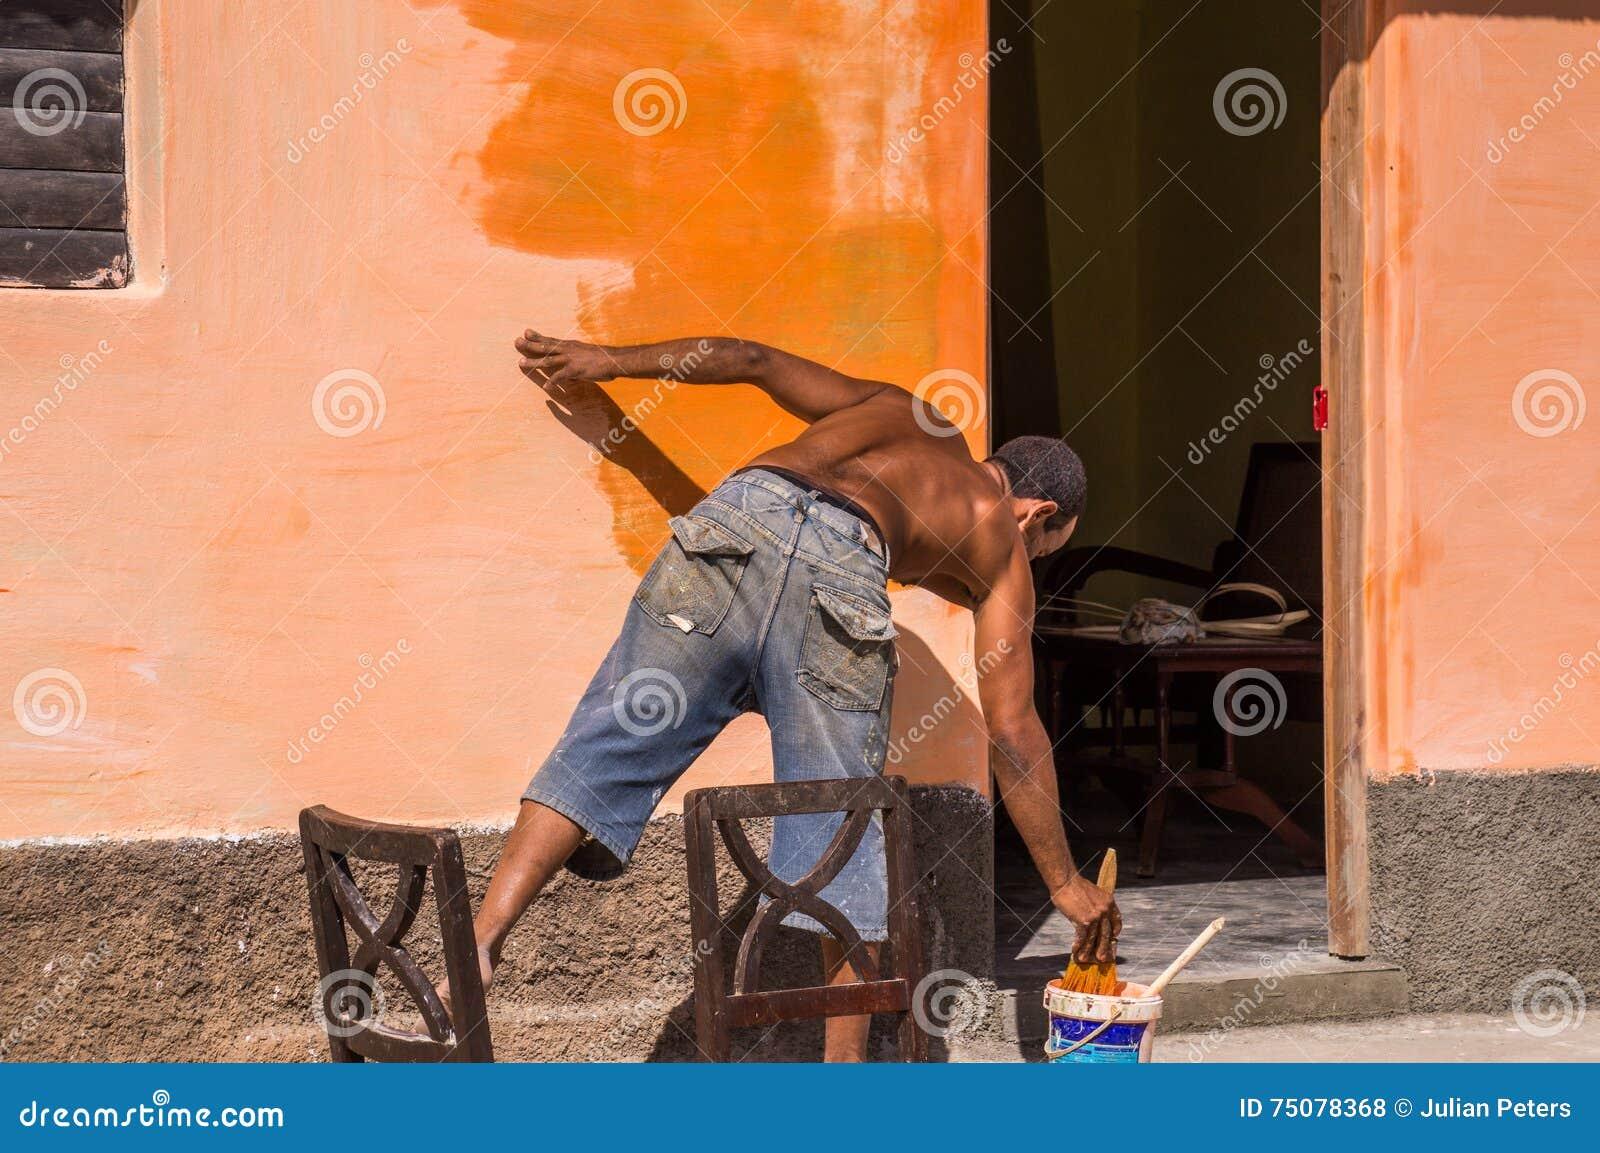 Neu streichen von Kuba: Mann, der orange Wand malt